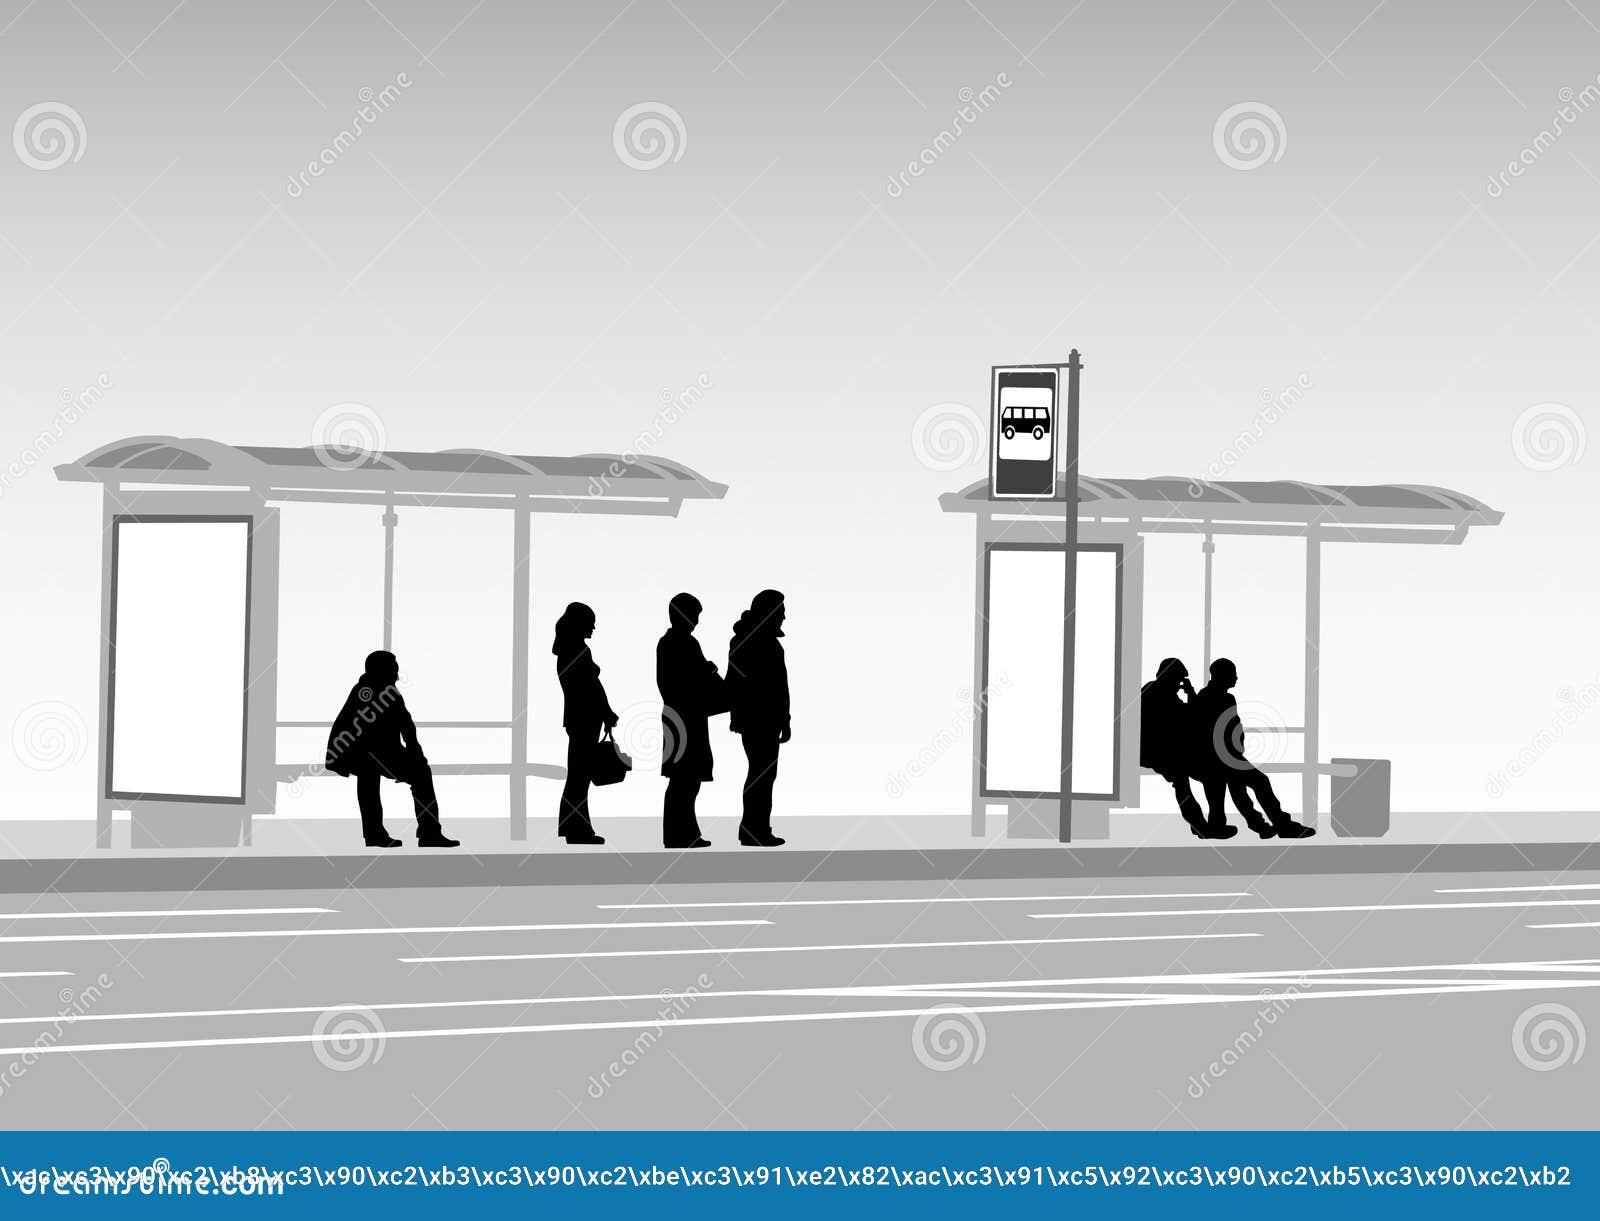 Bus stop people